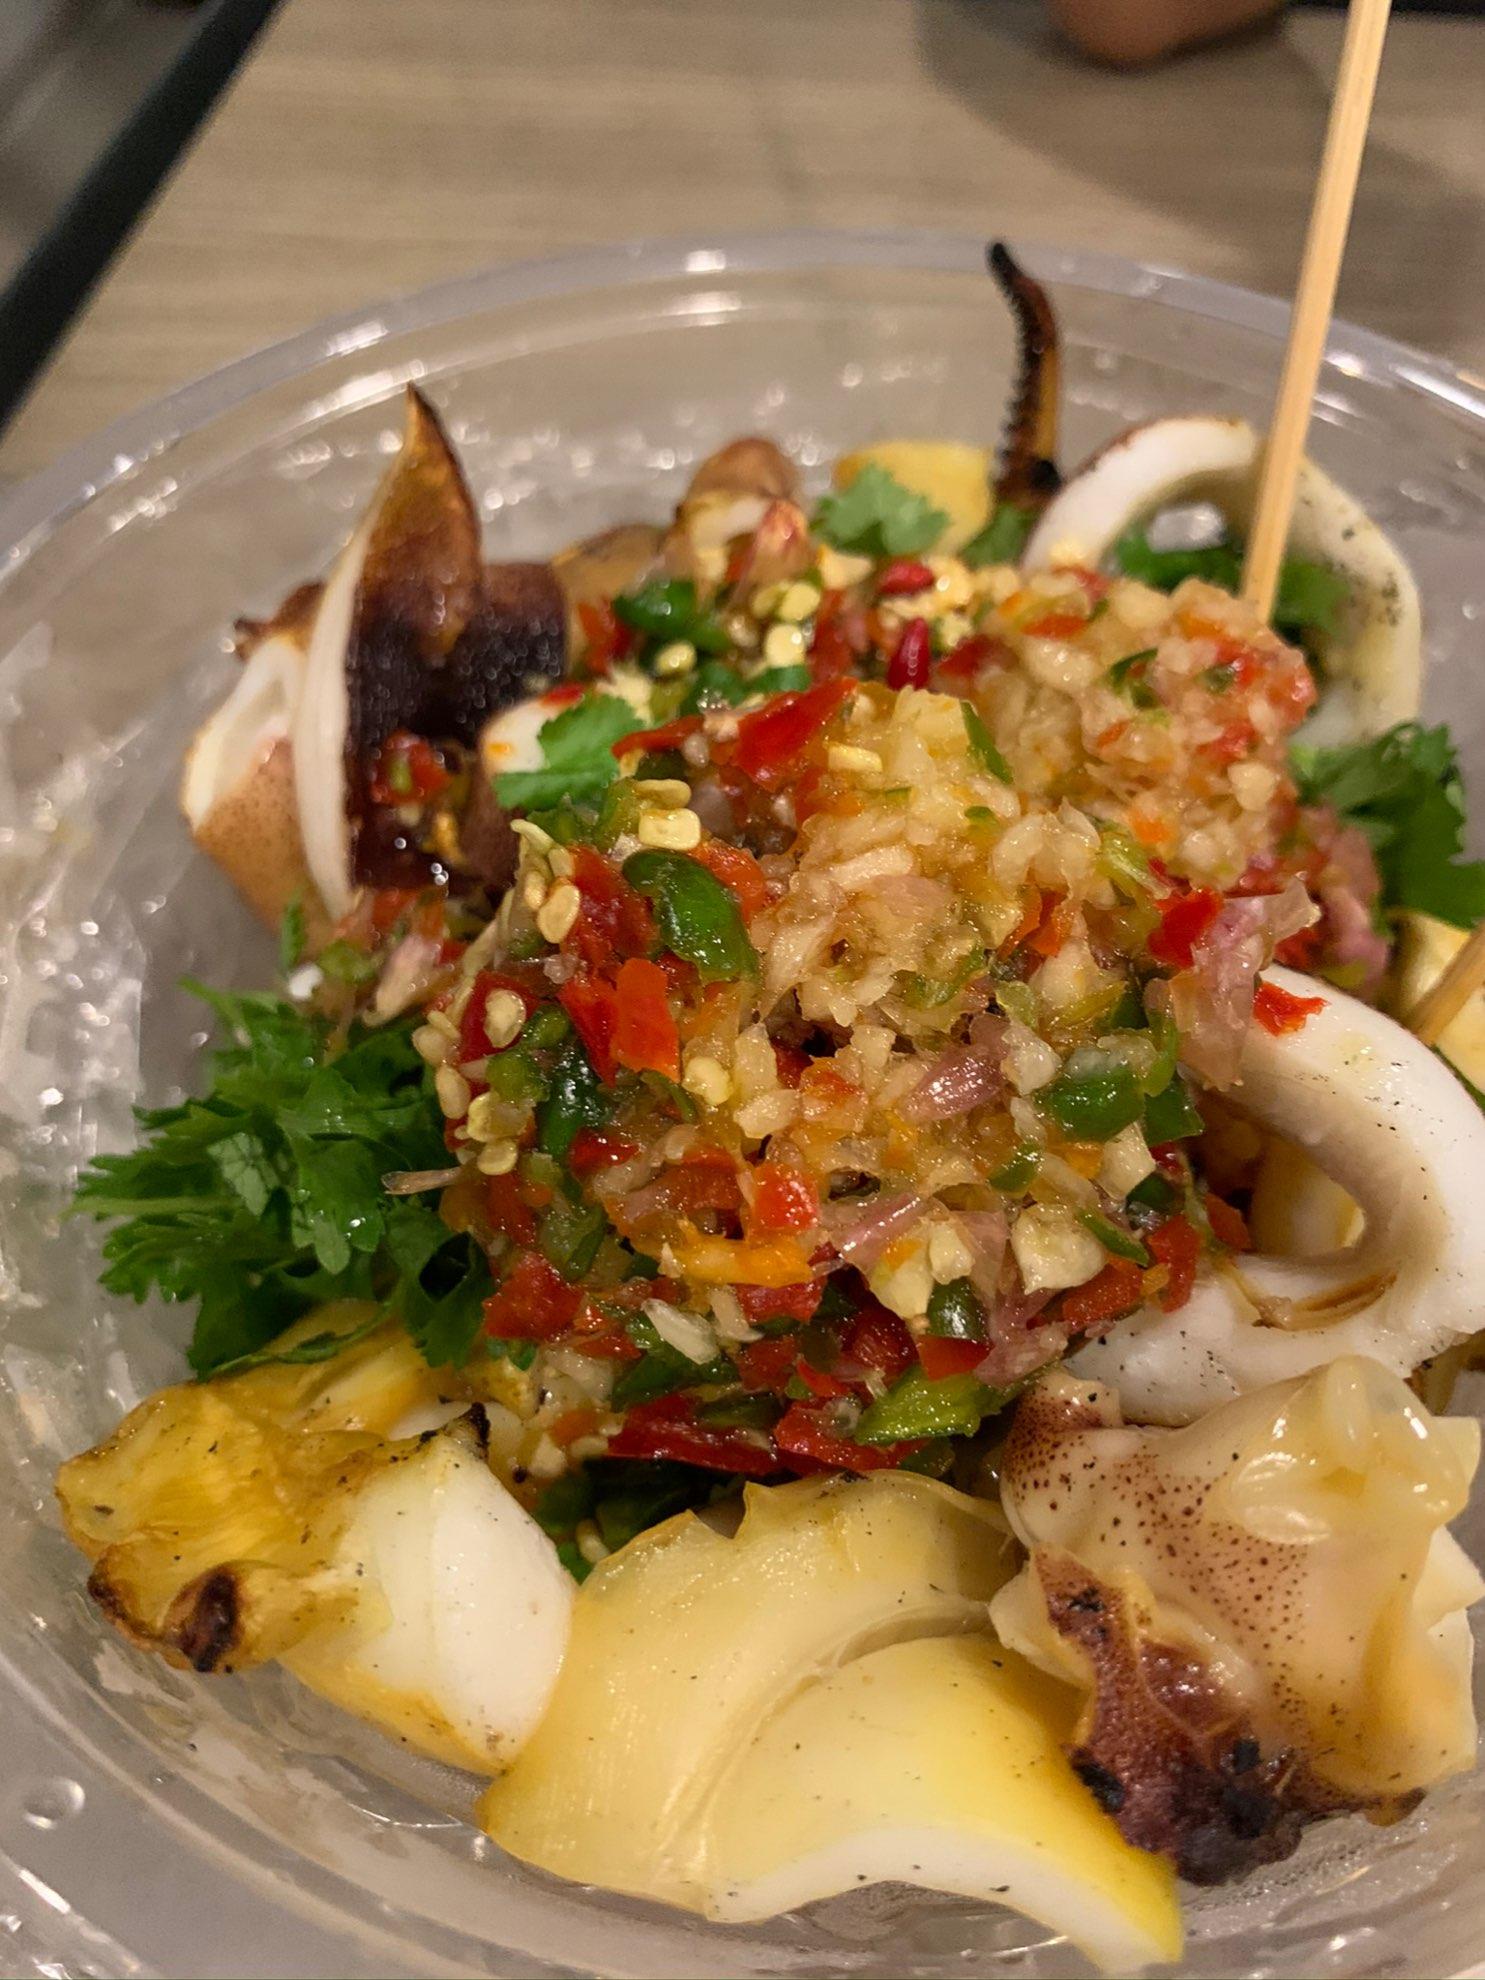 วันนี้เรามาหาของงกินที่เยาวราช ร้านเด็ด กระเพาะปลา ผัดหมี่ฮ่องกง ปลาหมึกย่างร้านเด็ด